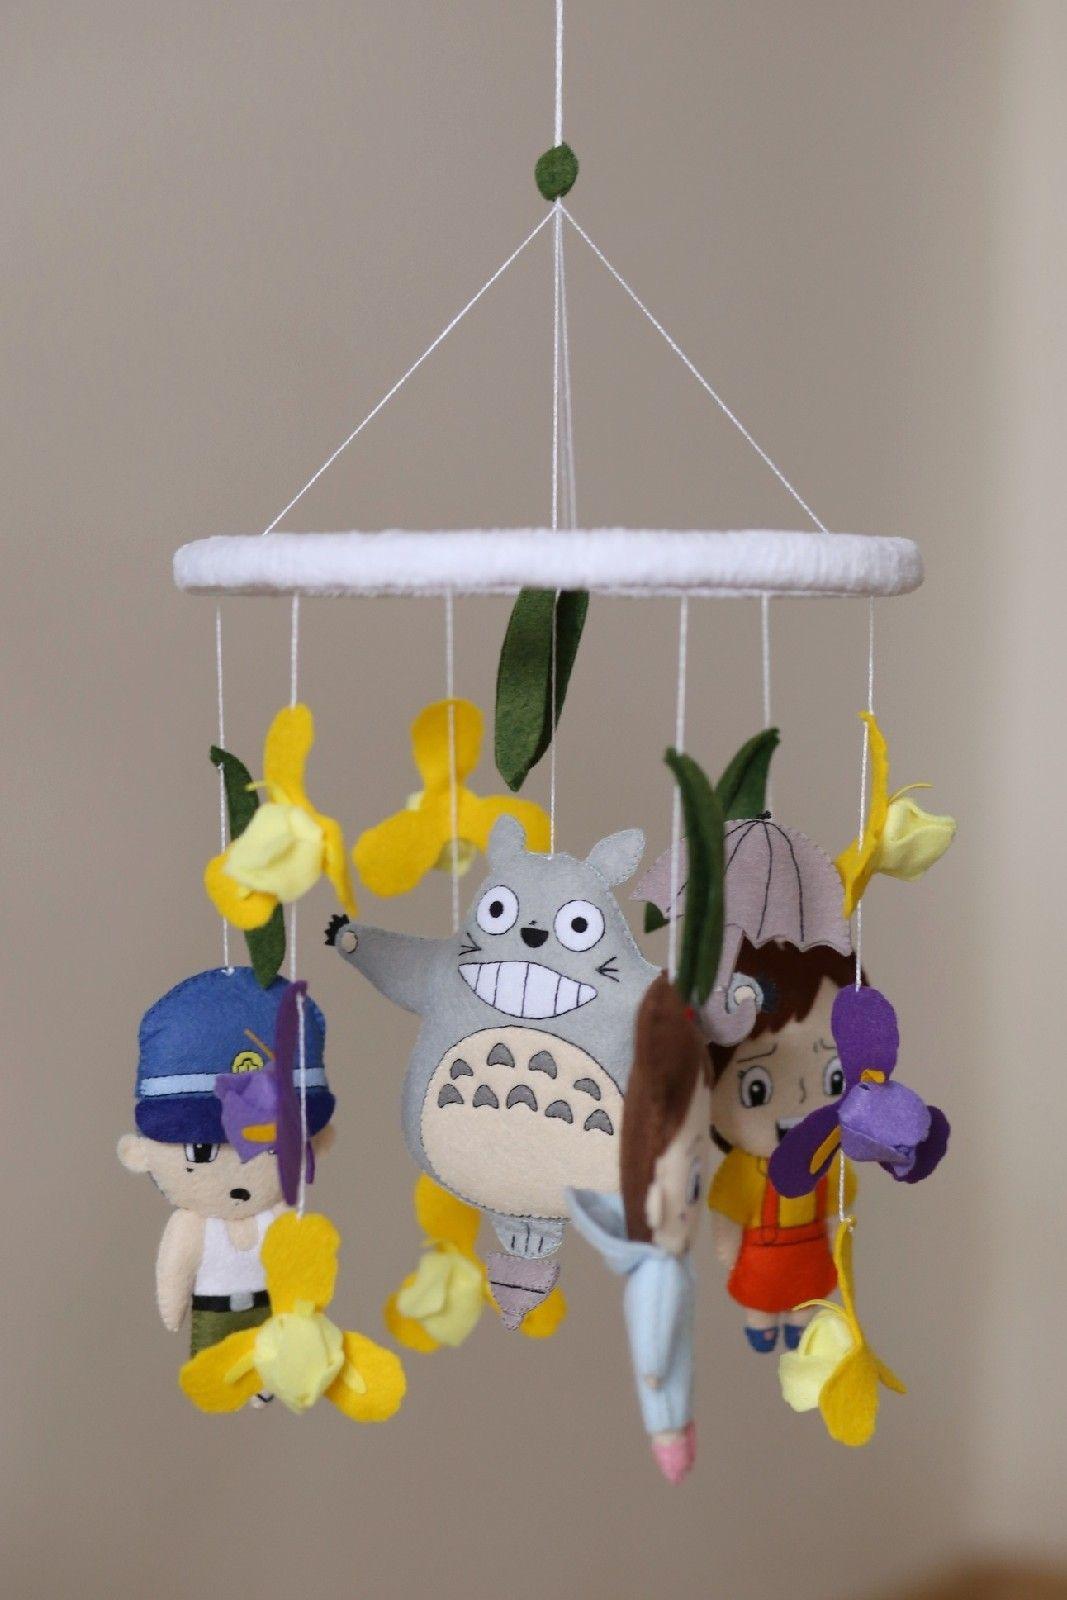 Totoro nursery room neutral mobile geek baby toy ghibli